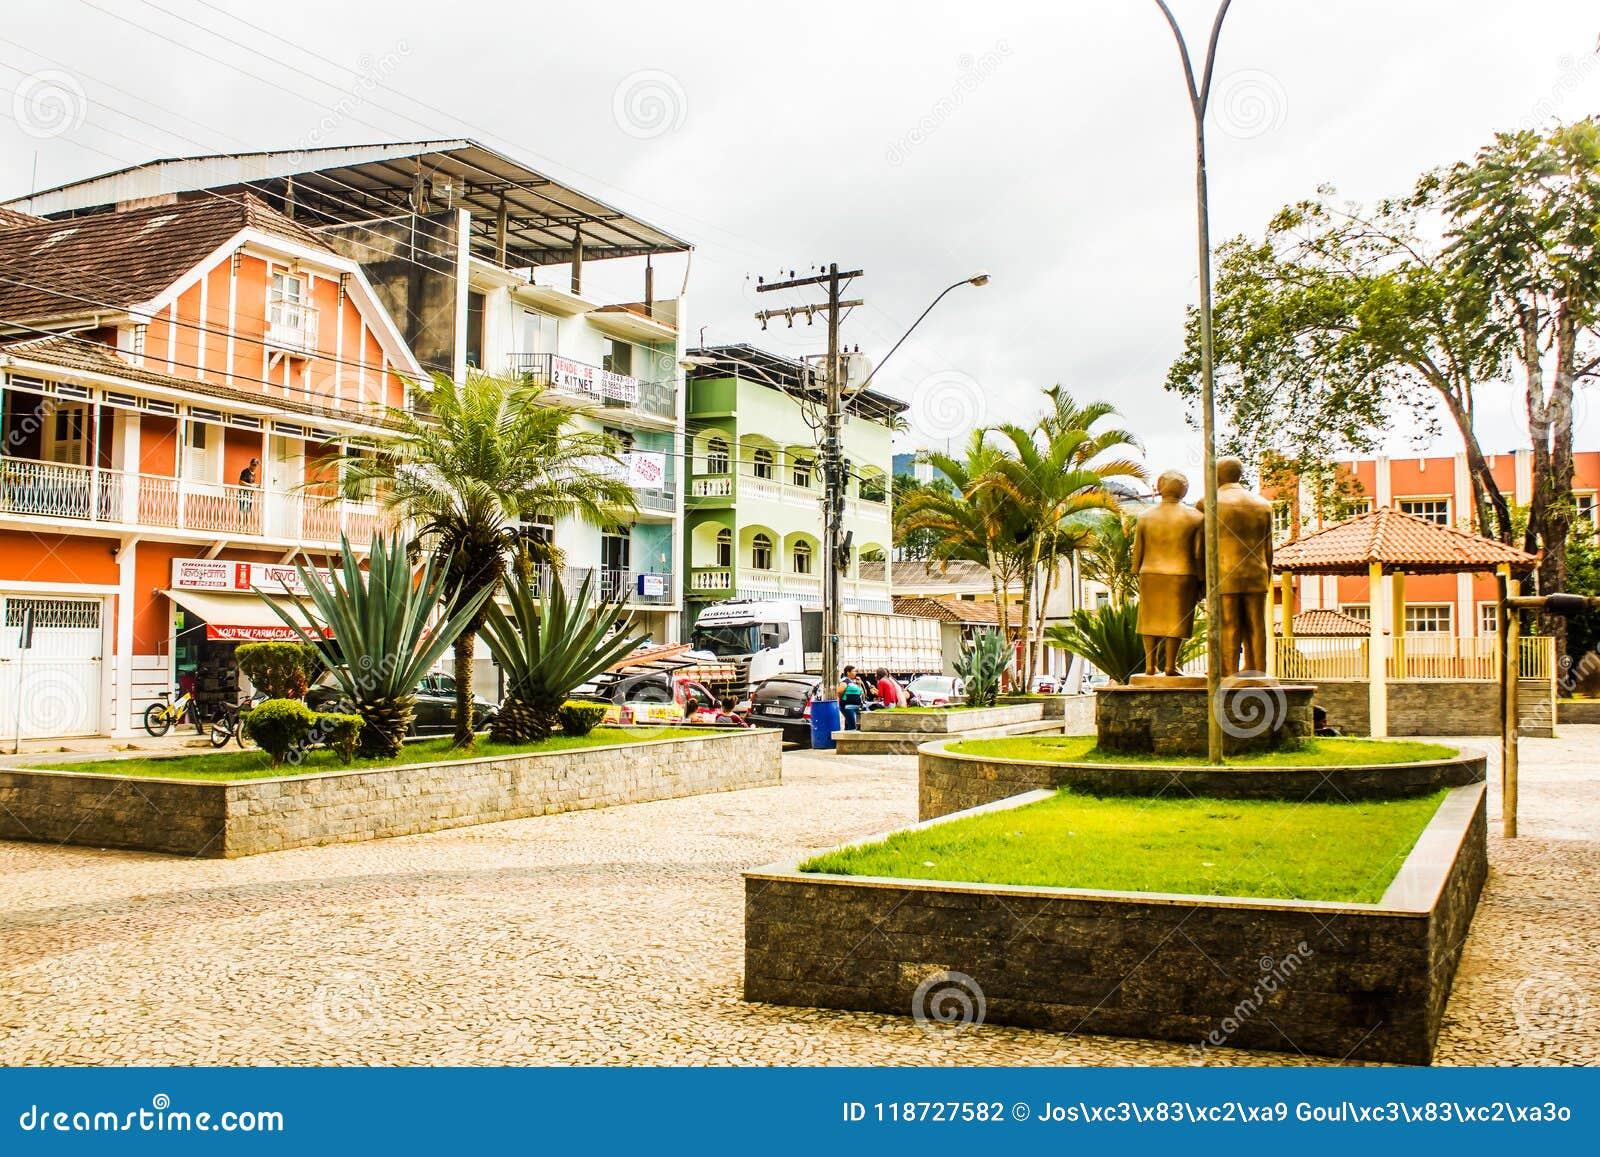 Jequitibá Minas Gerais fonte: thumbs.dreamstime.com